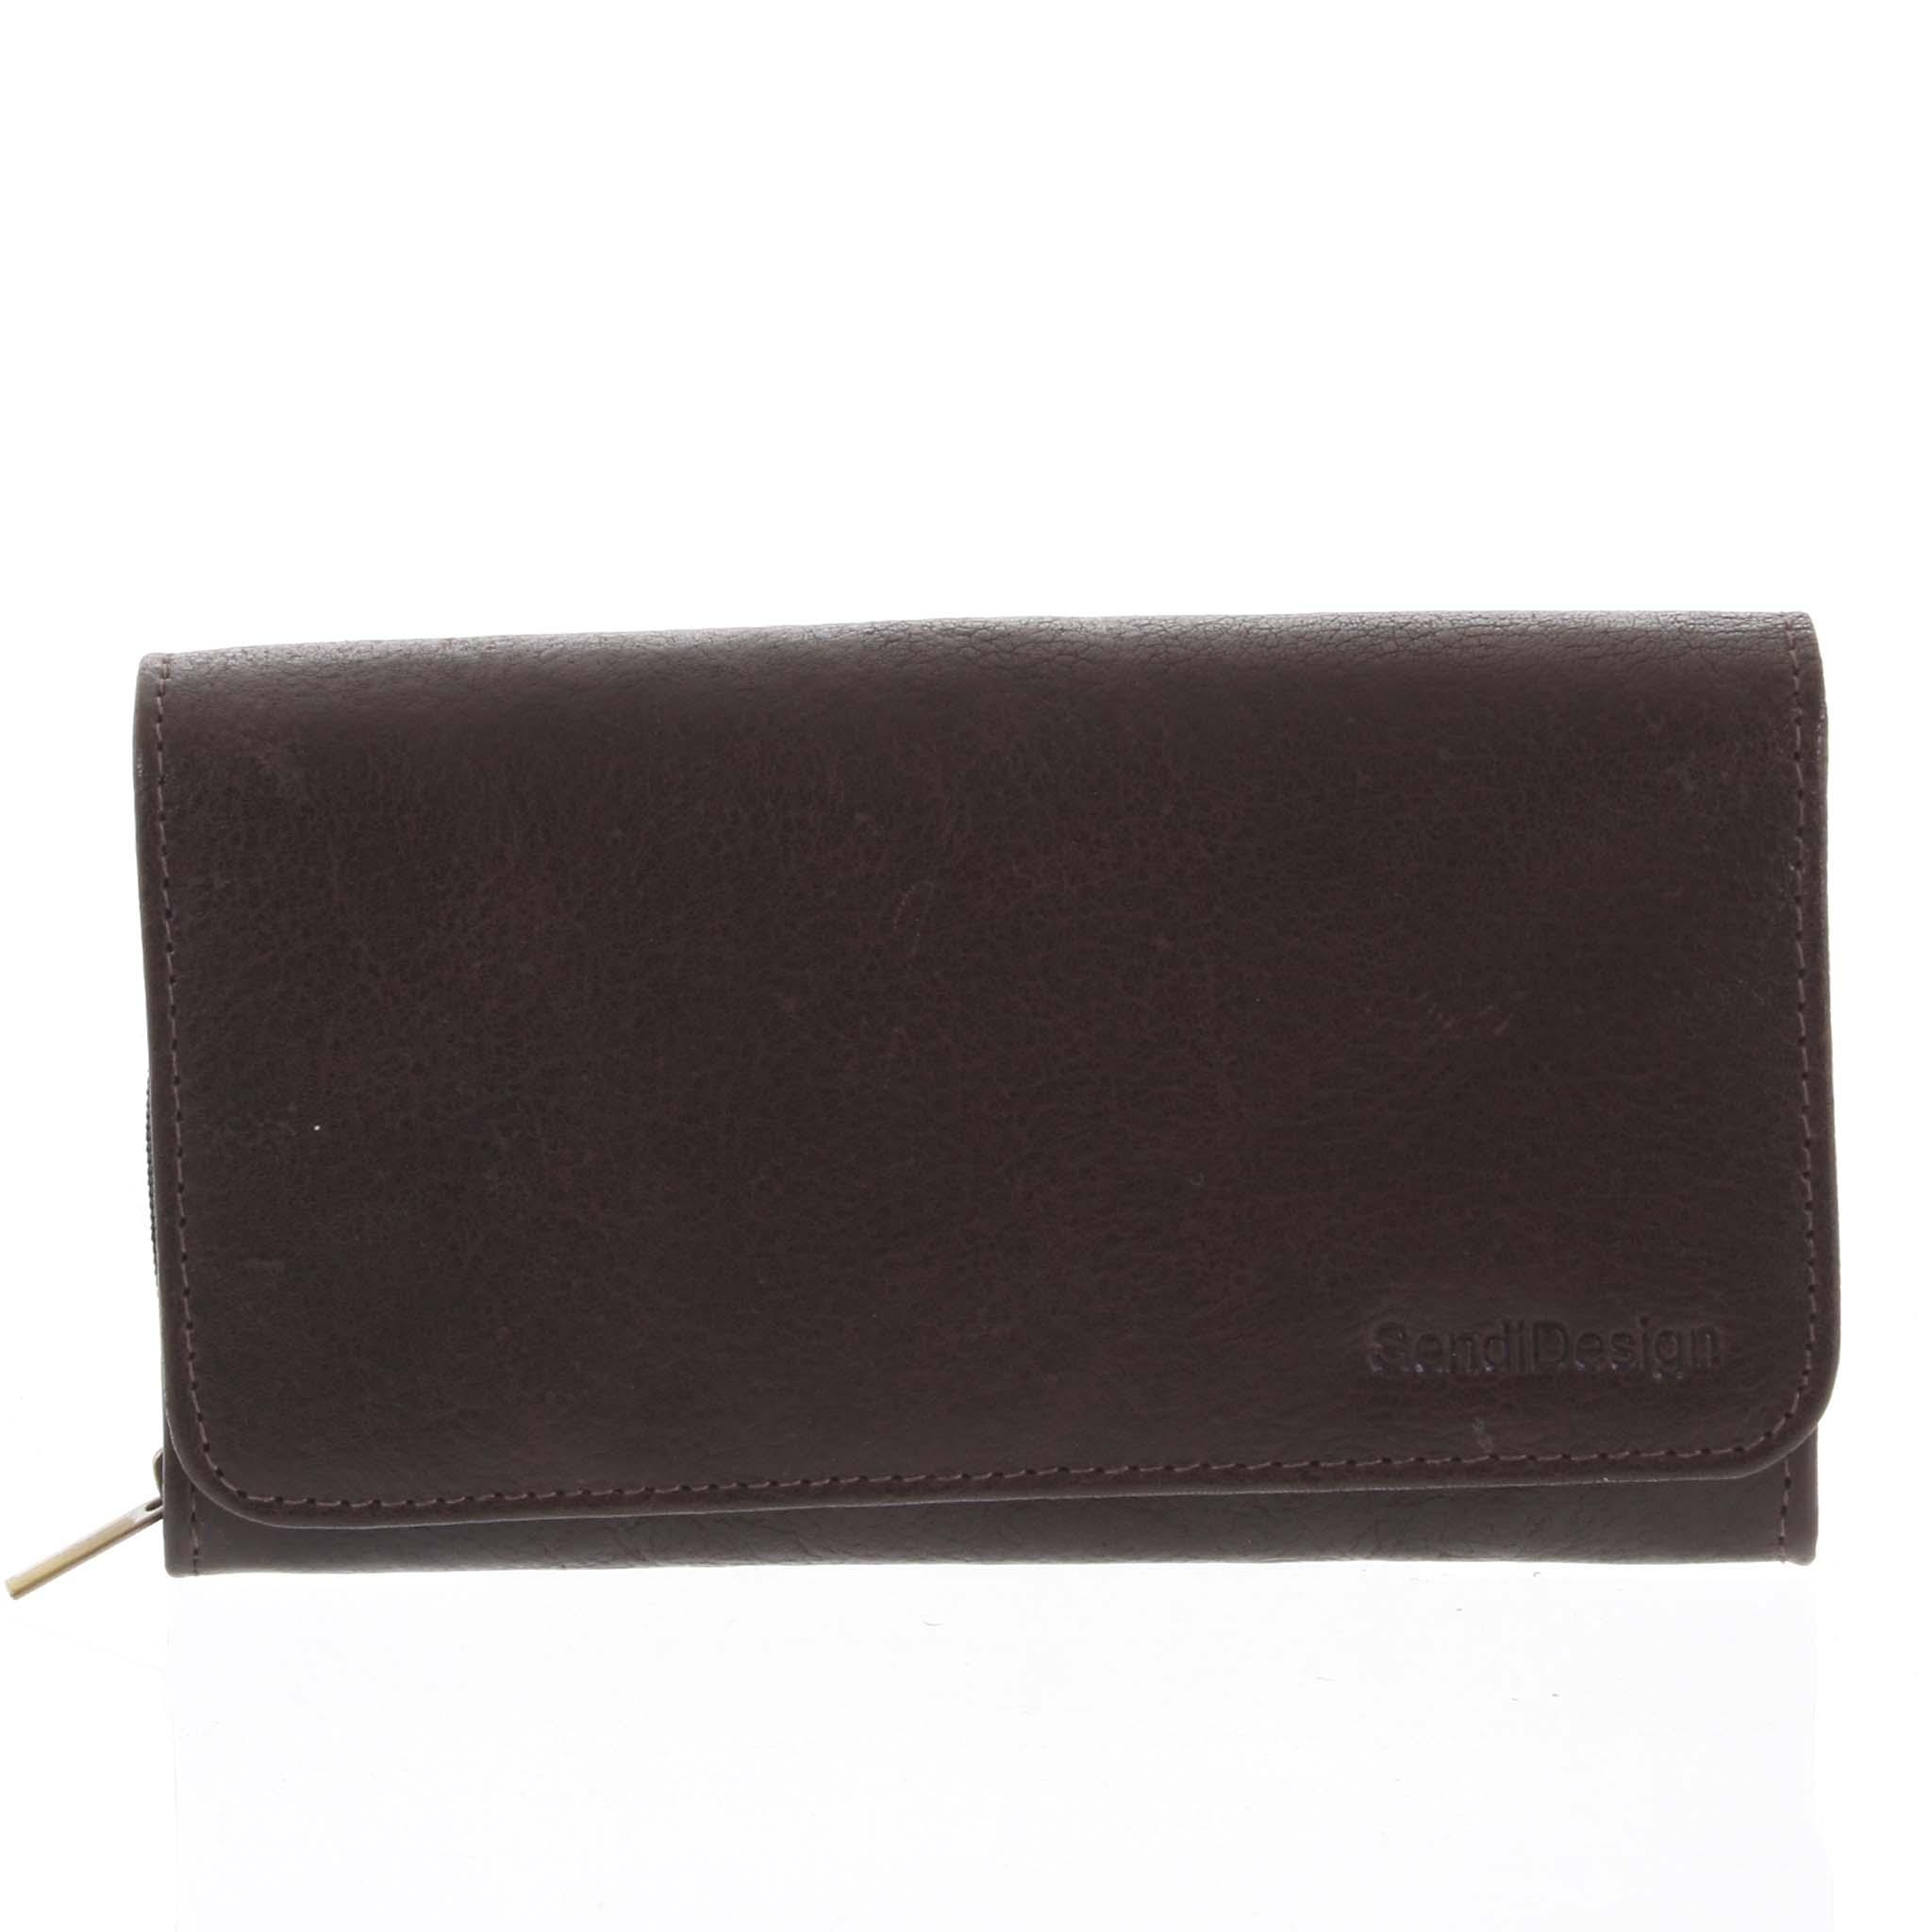 Dámska kožená peňaženka tmavohnedá - SendiDesign Really